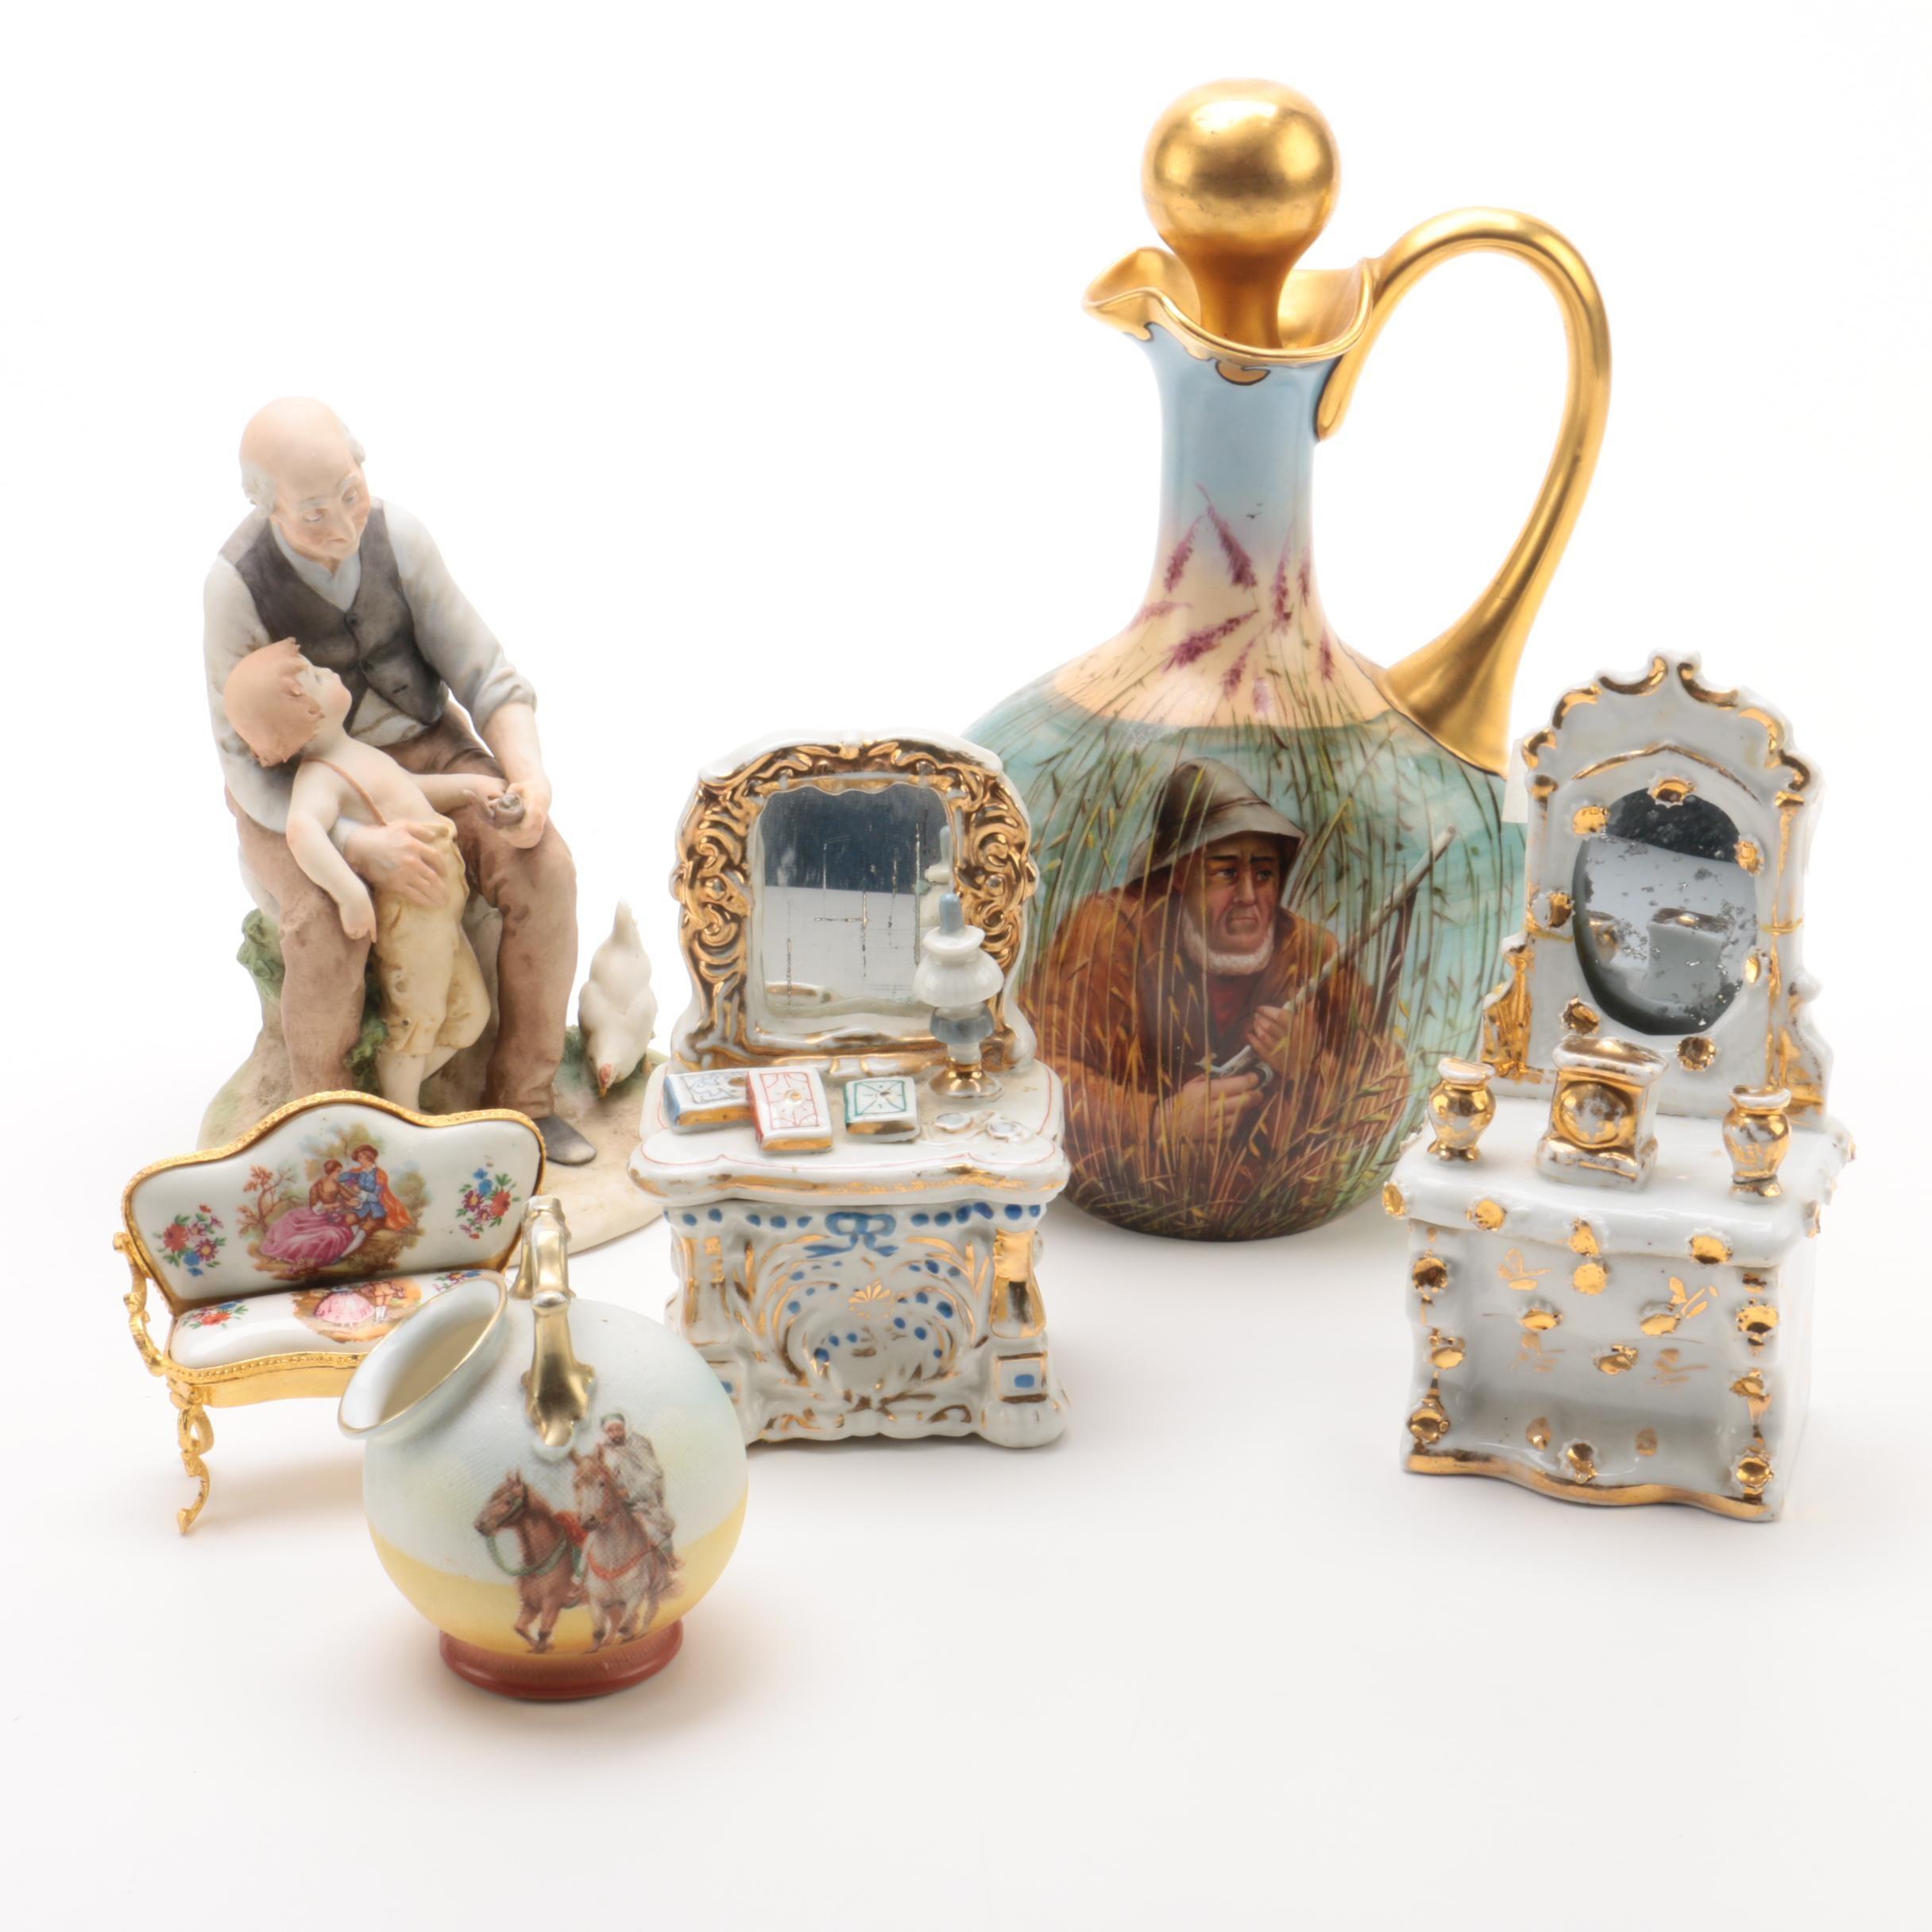 Klingenberg & Dwenger French Porcelain Pitcher and Other Decor